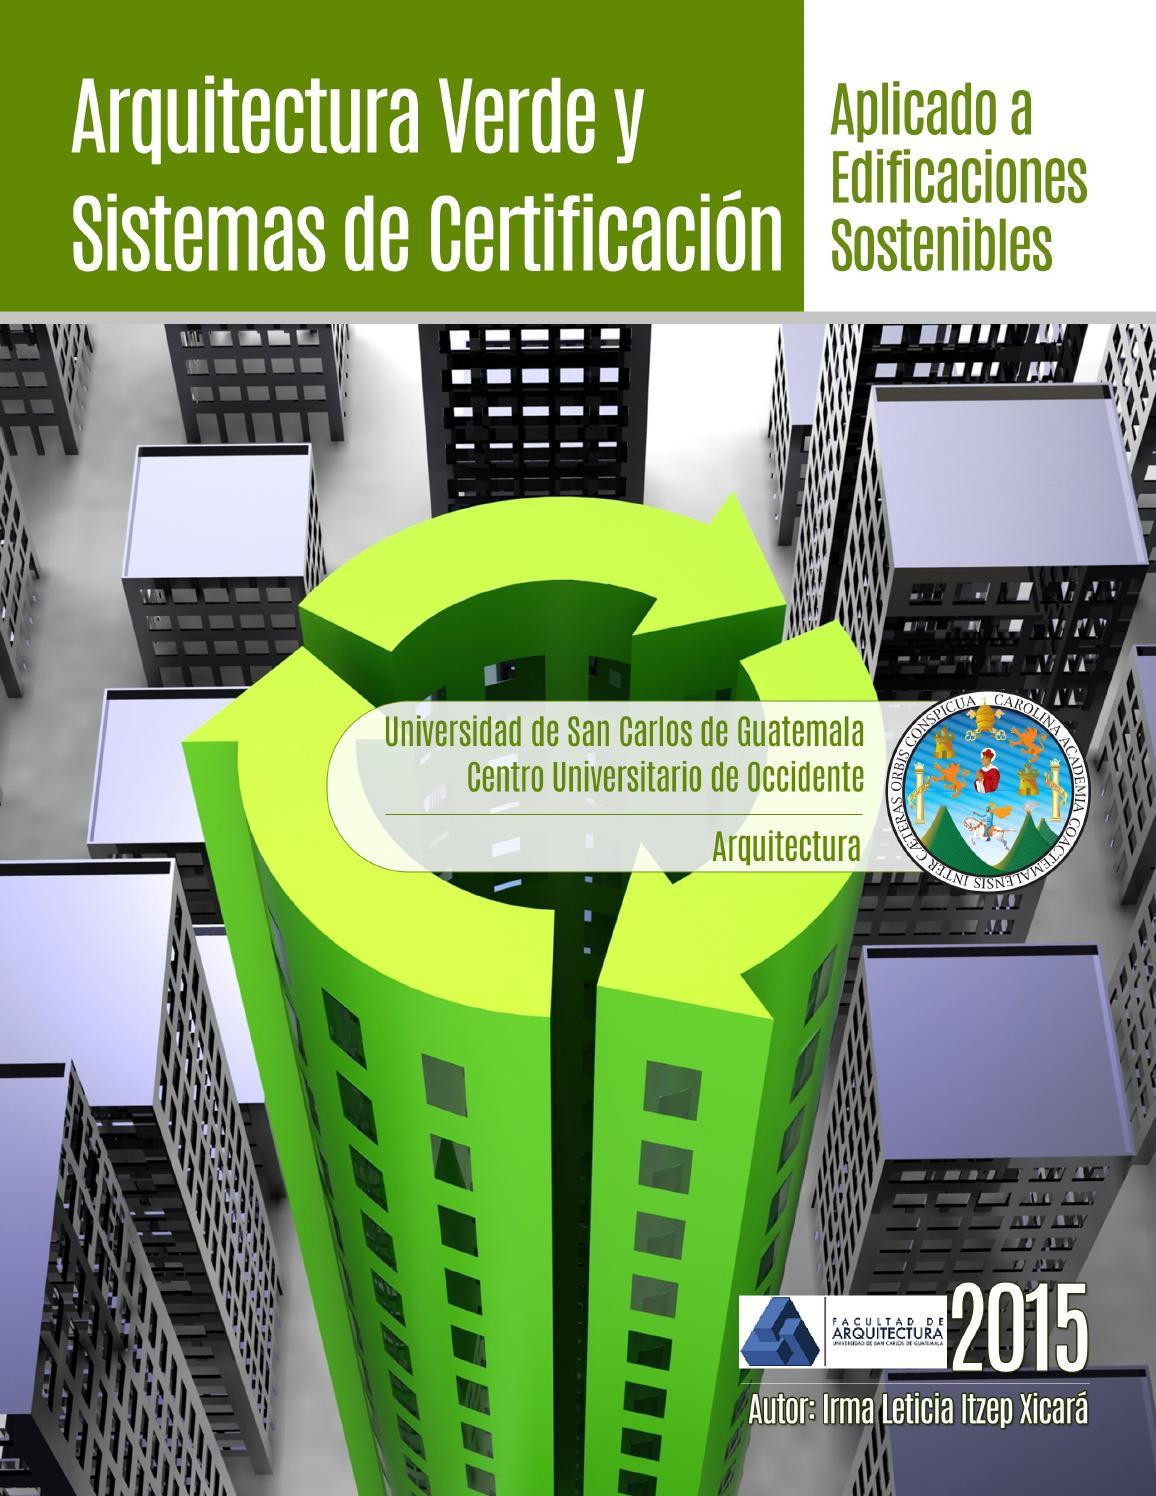 verde y sistemas de aplicado a sostenibles by luisfer castillo issuu